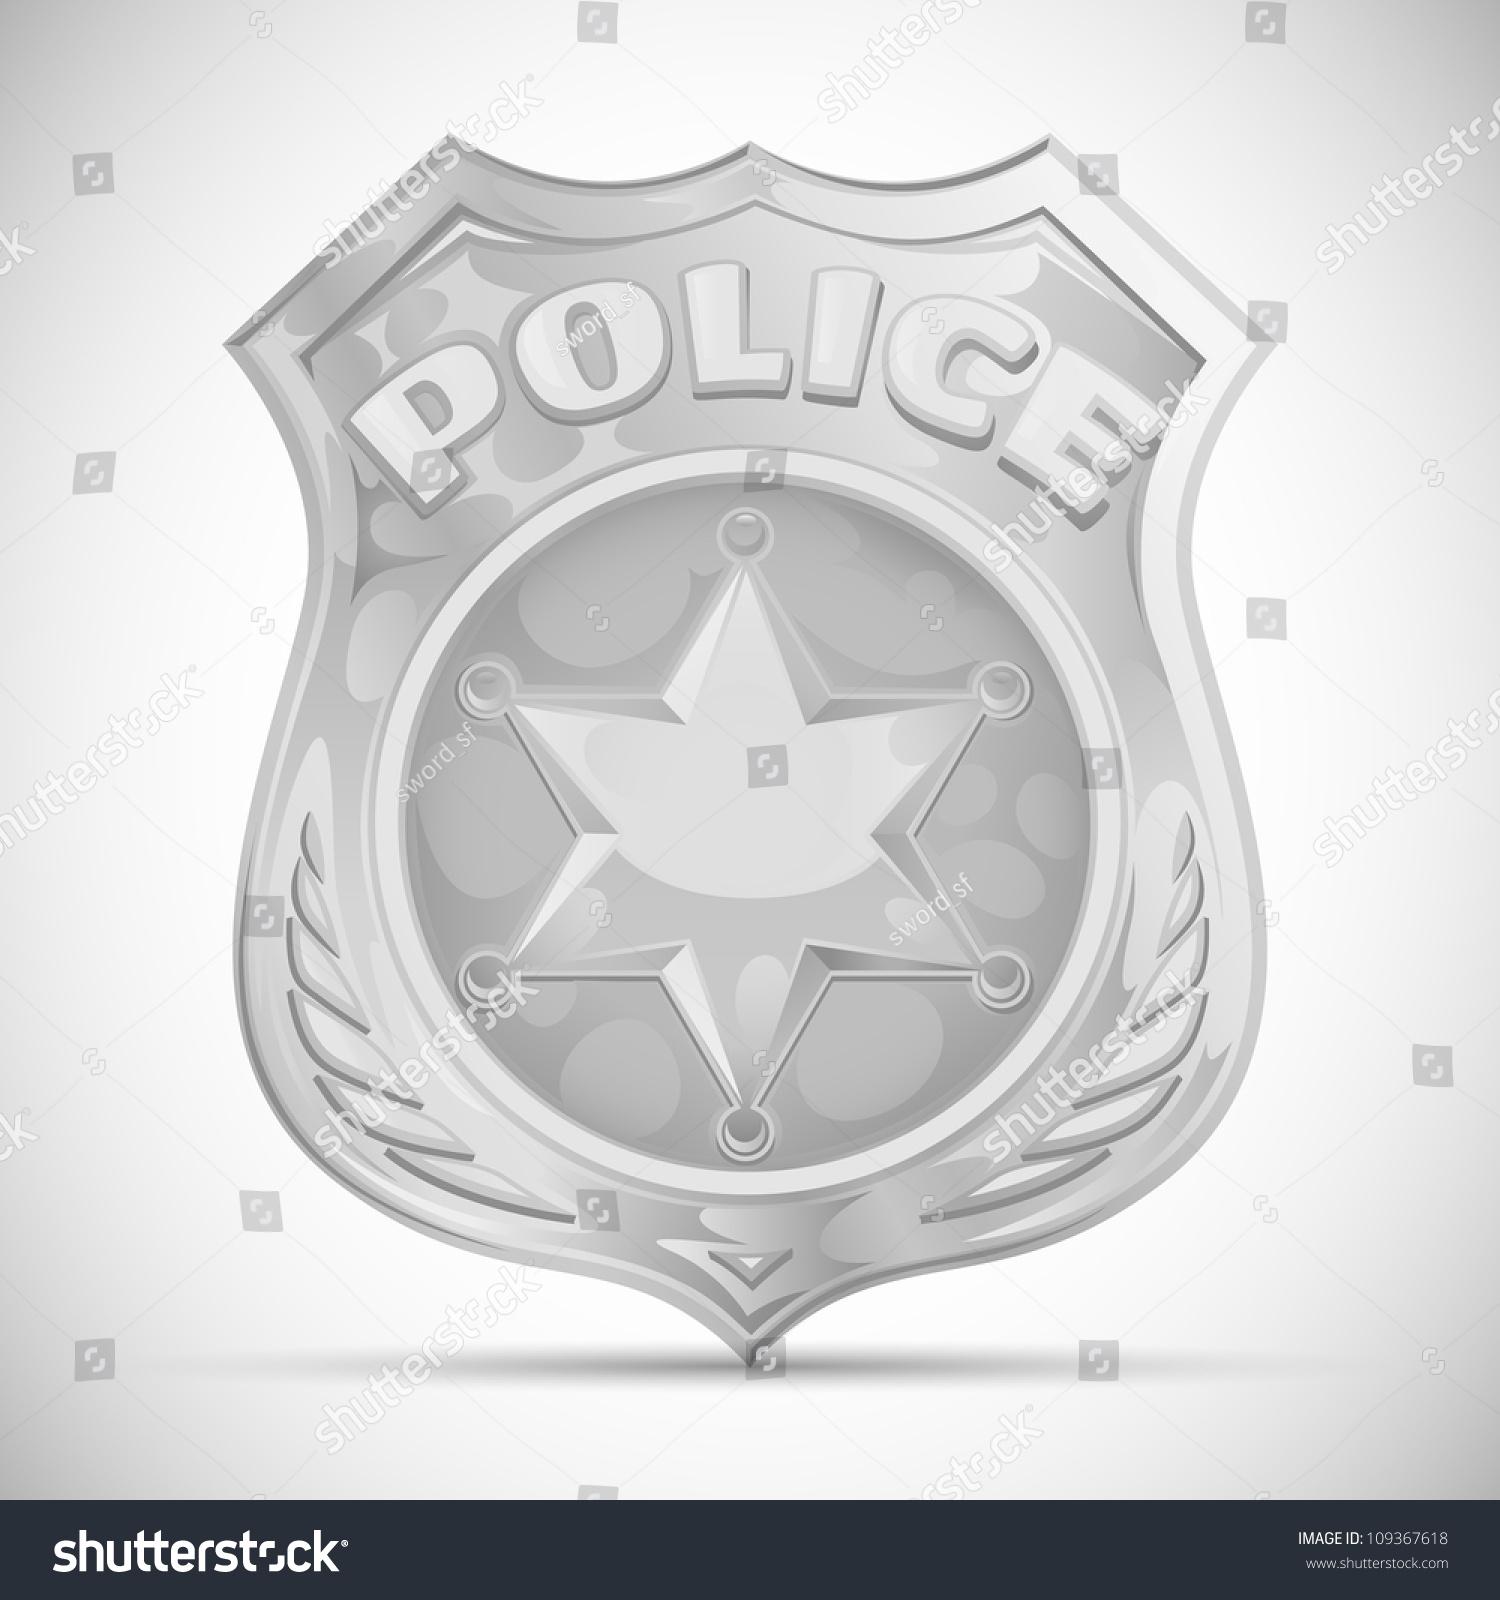 vector police badge stock vector 109367618 shutterstock